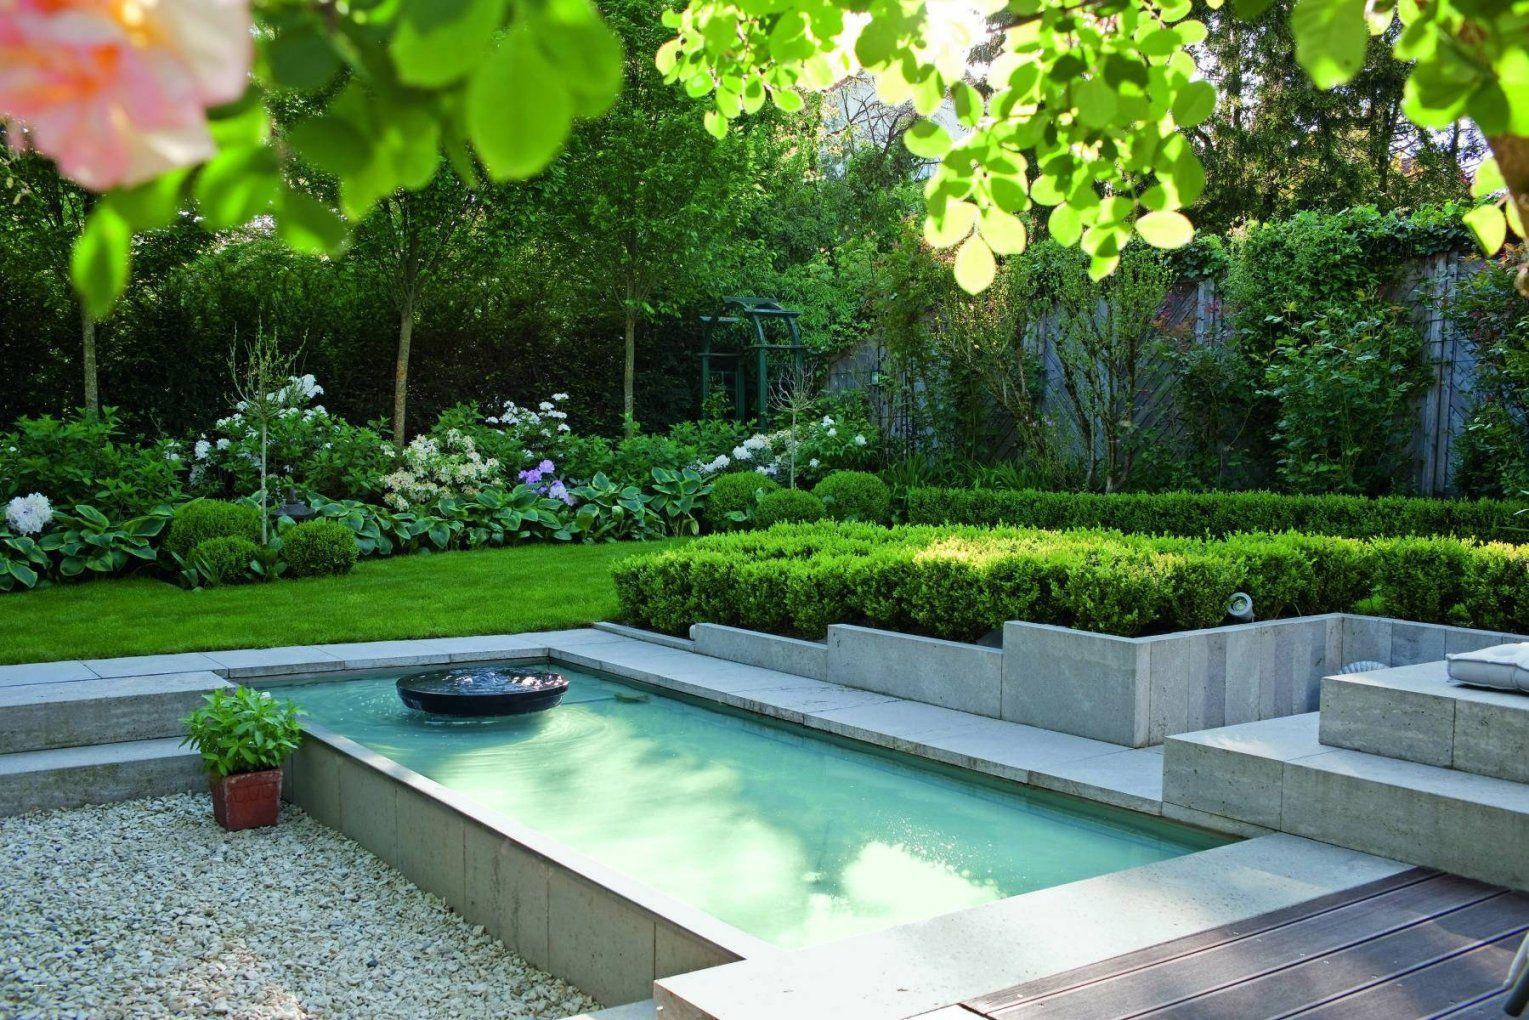 Kleine Gärten Modern Gestalten Elegant Fair Ideen Fur Den Kleinen von Kleinen Garten Modern Gestalten Bild